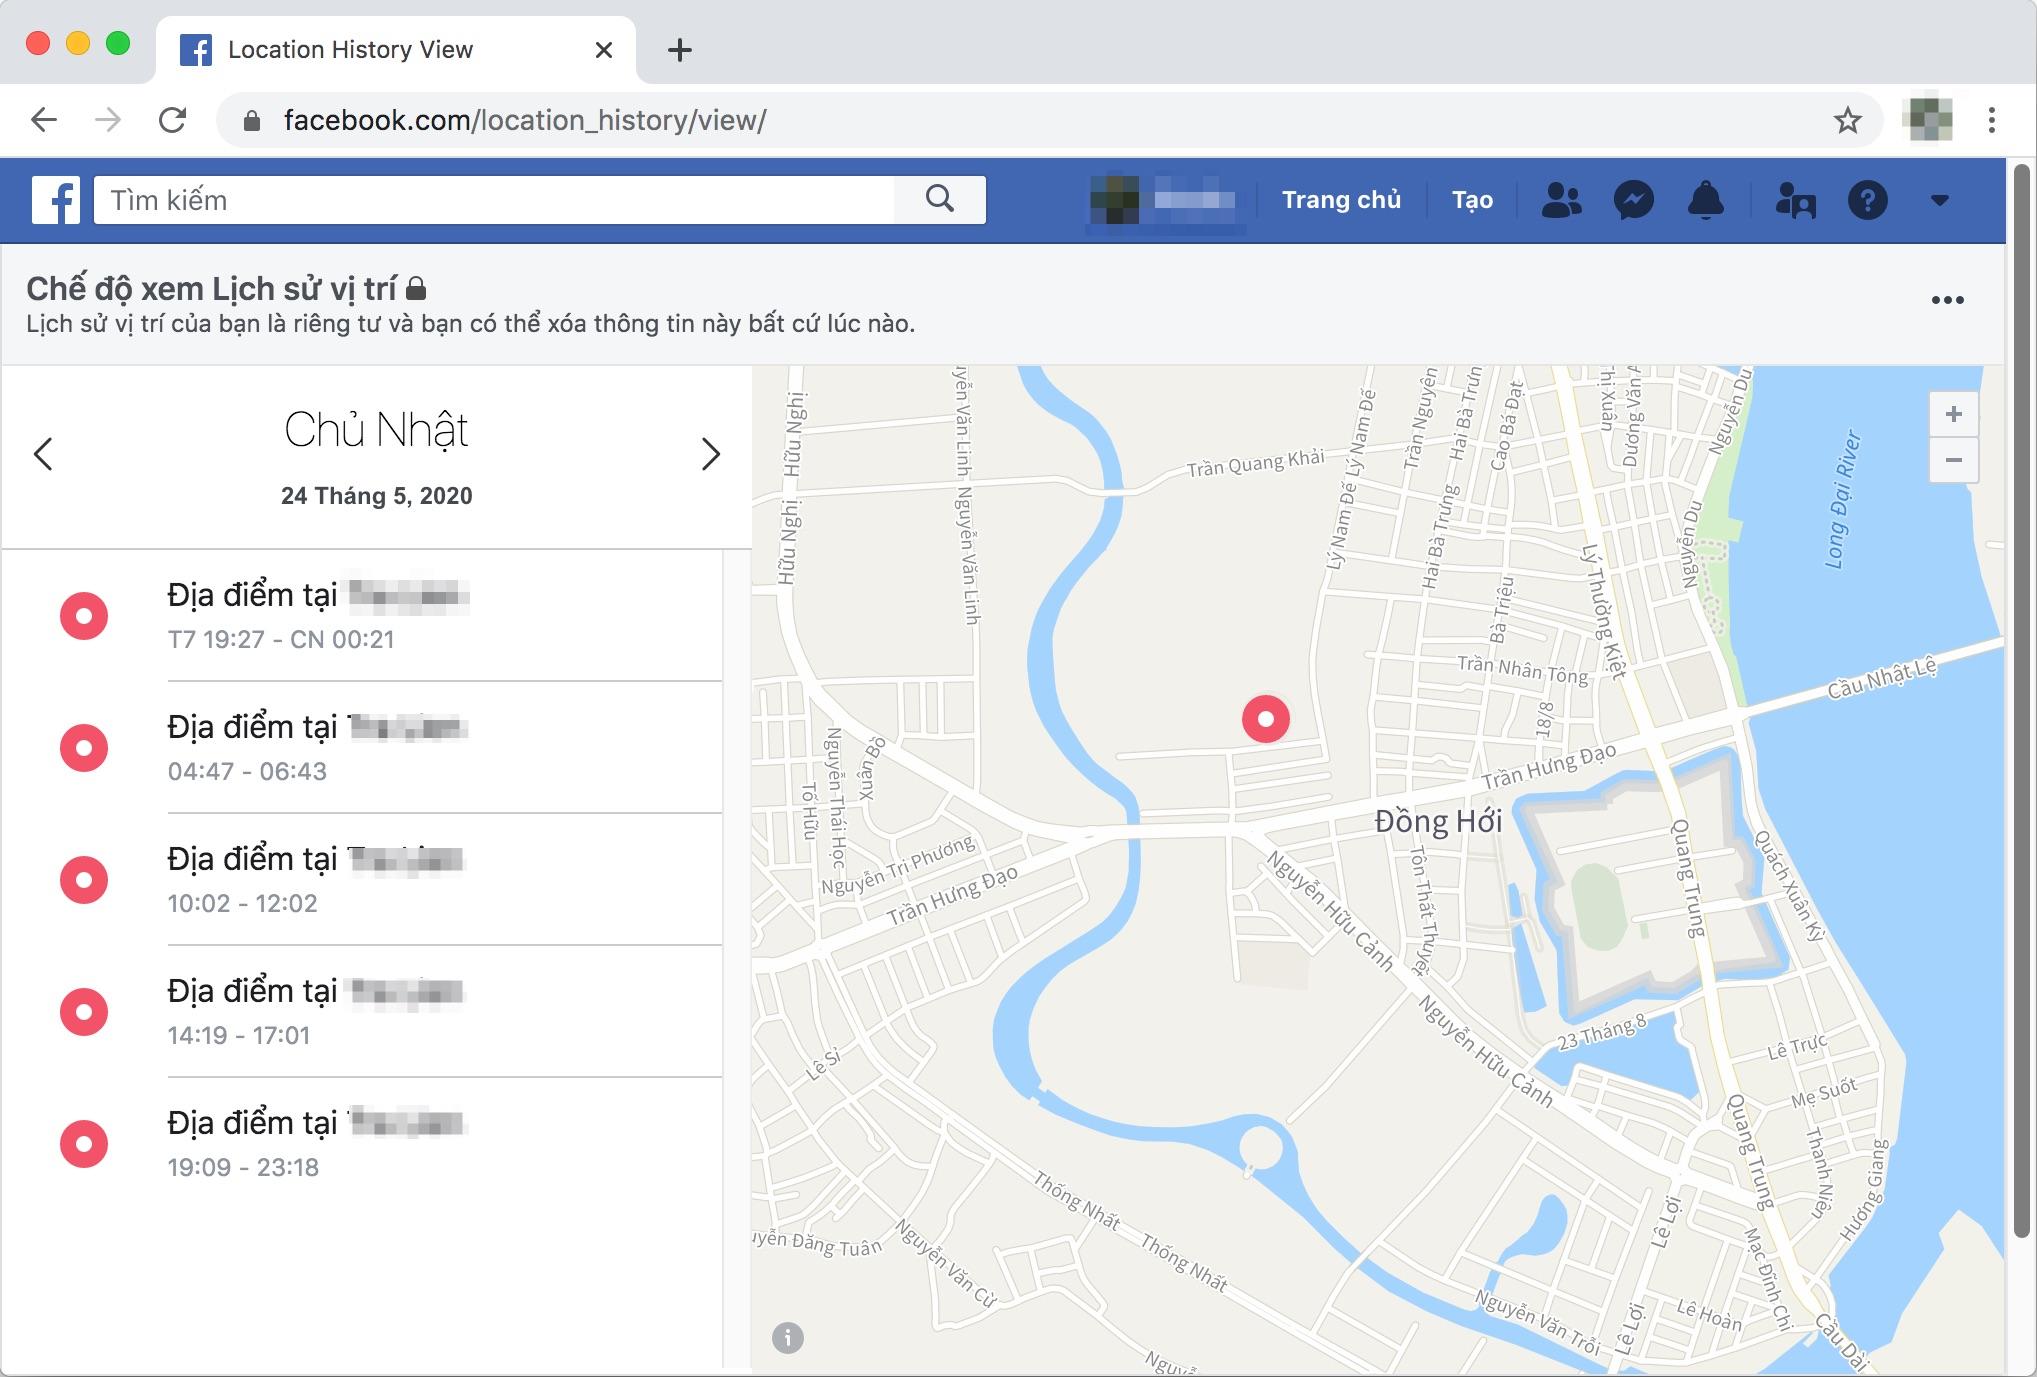 Cách tìm lại điện thoại bị mất bằng Facebook trên máy tính